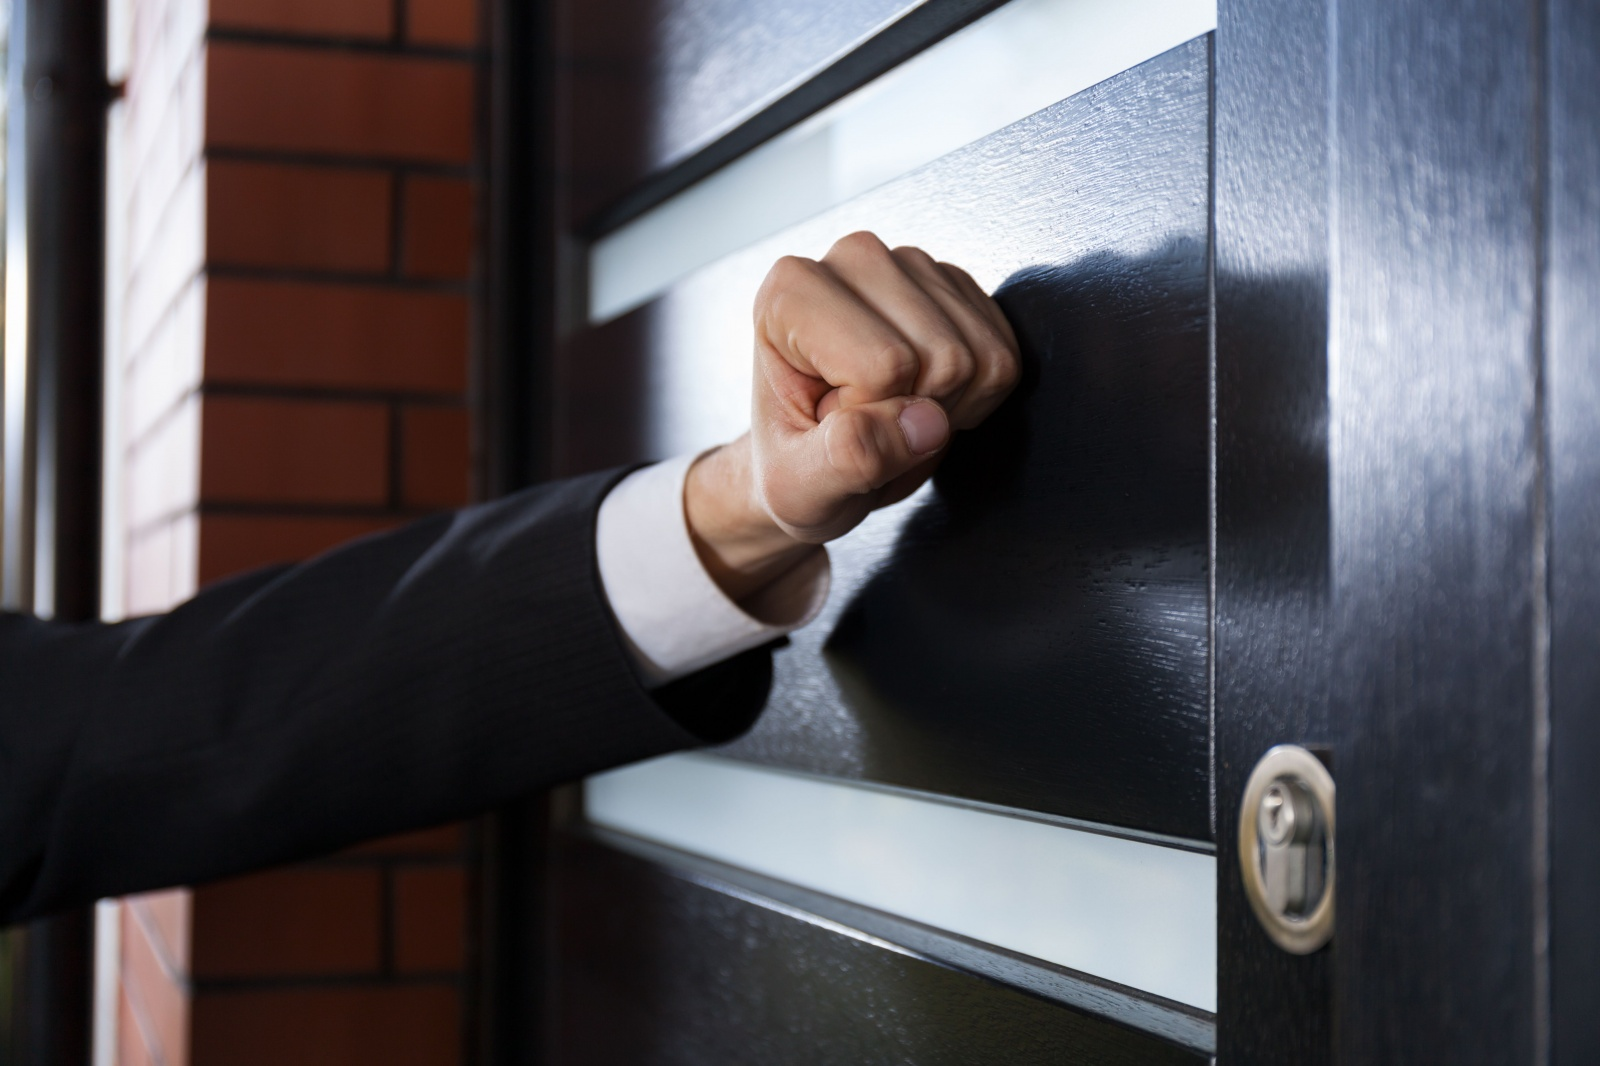 Памятка для потребителей финансовых услуг: «Как взаимодействовать с коллекторскими агентствами?»